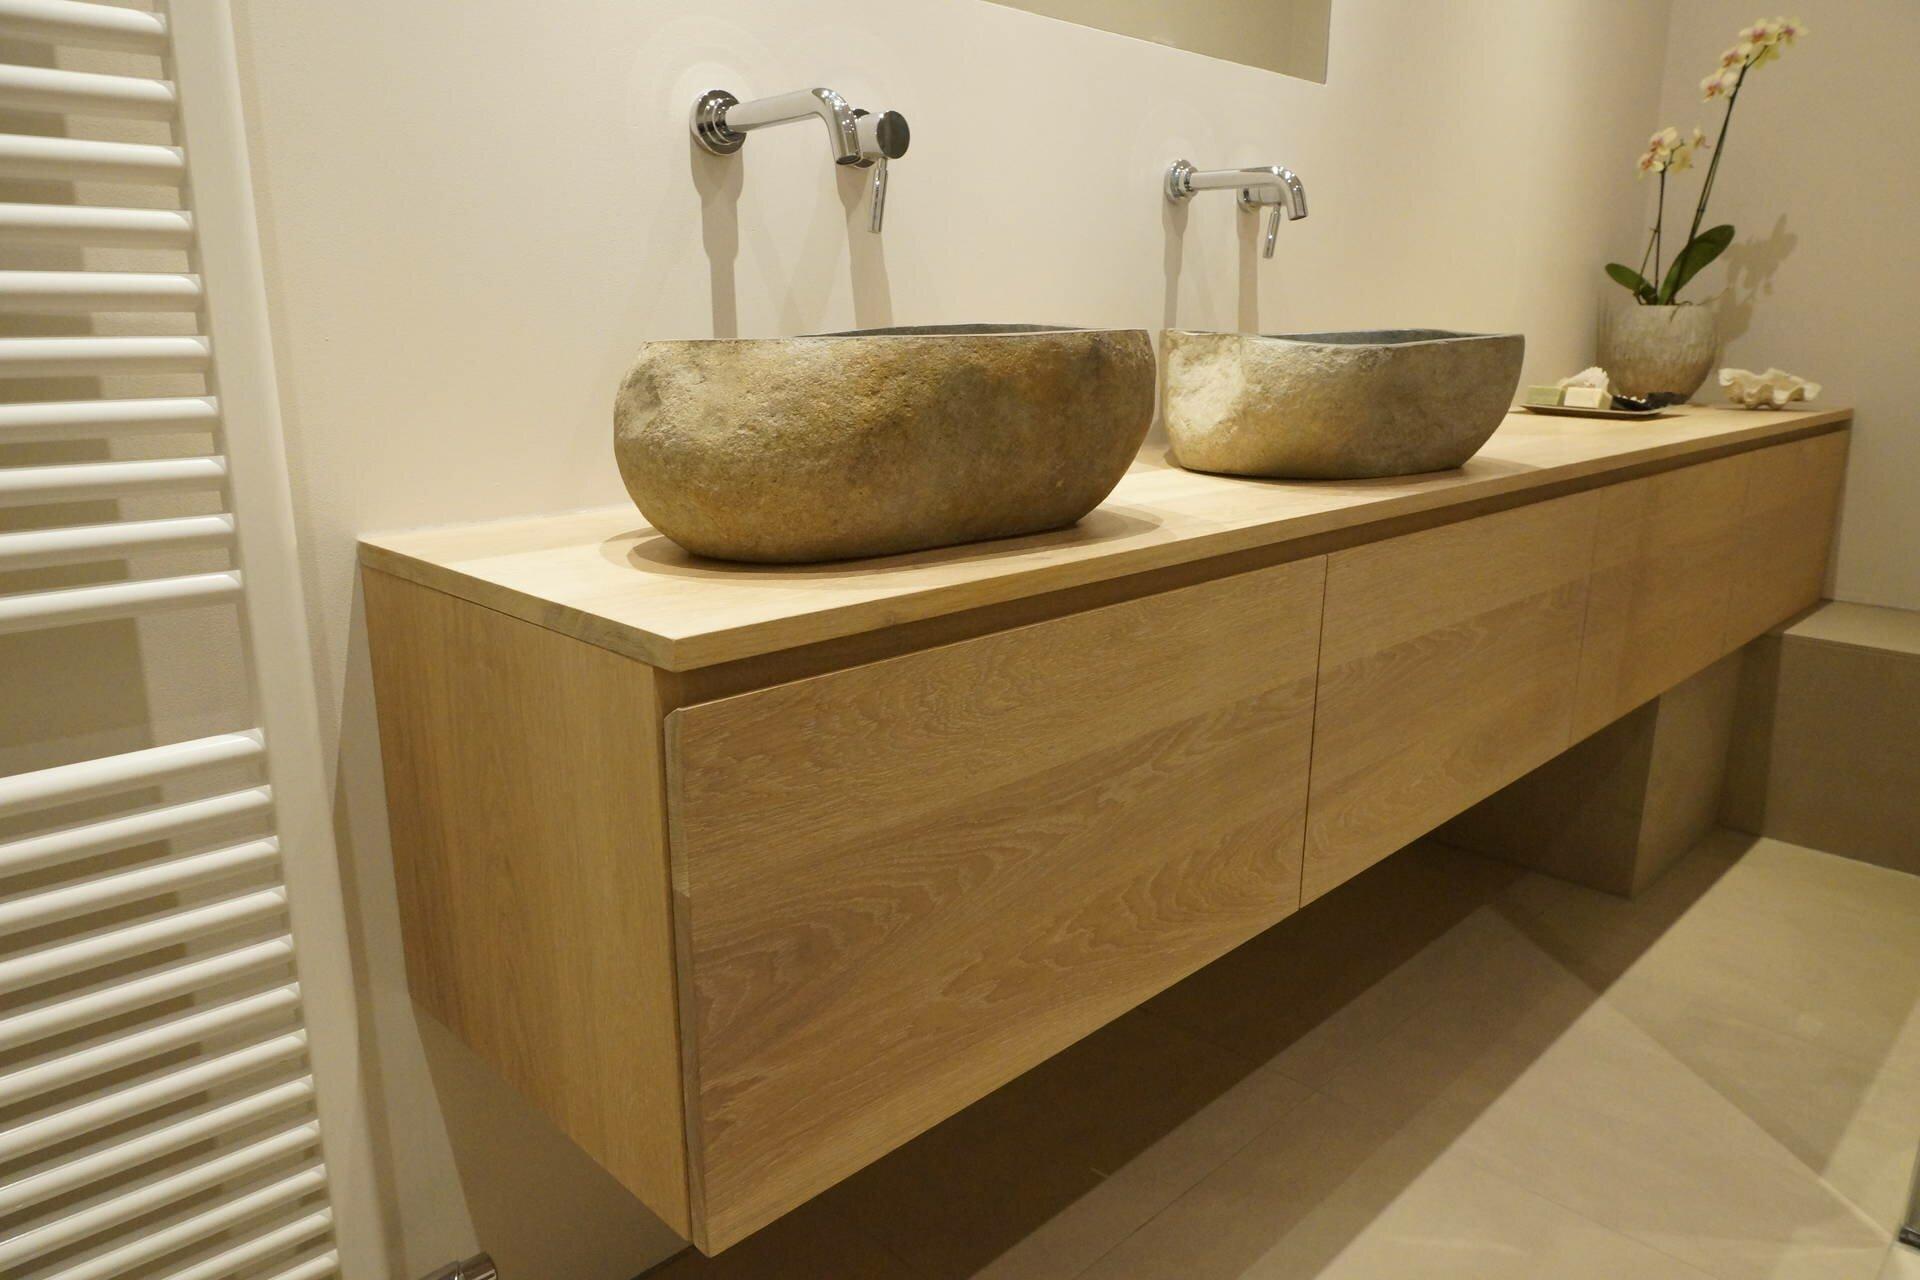 Nieuwbouw Sanitair - Badkamer ontwerp bij nieuwbouw en renovatie ...